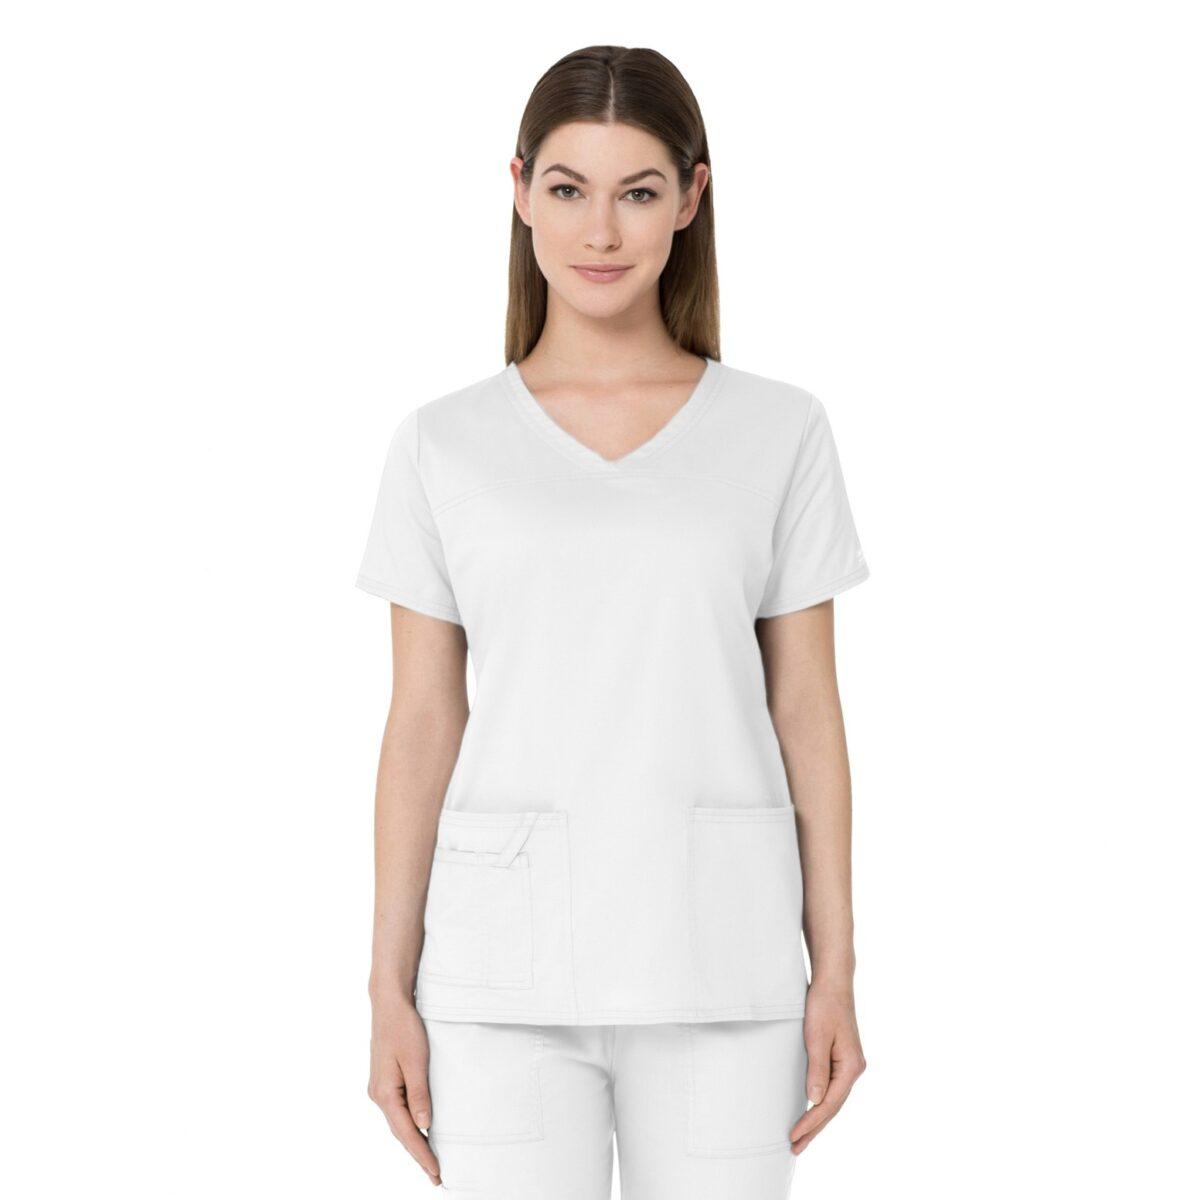 Женский медицинский костюм Core Stretch цвет- белый